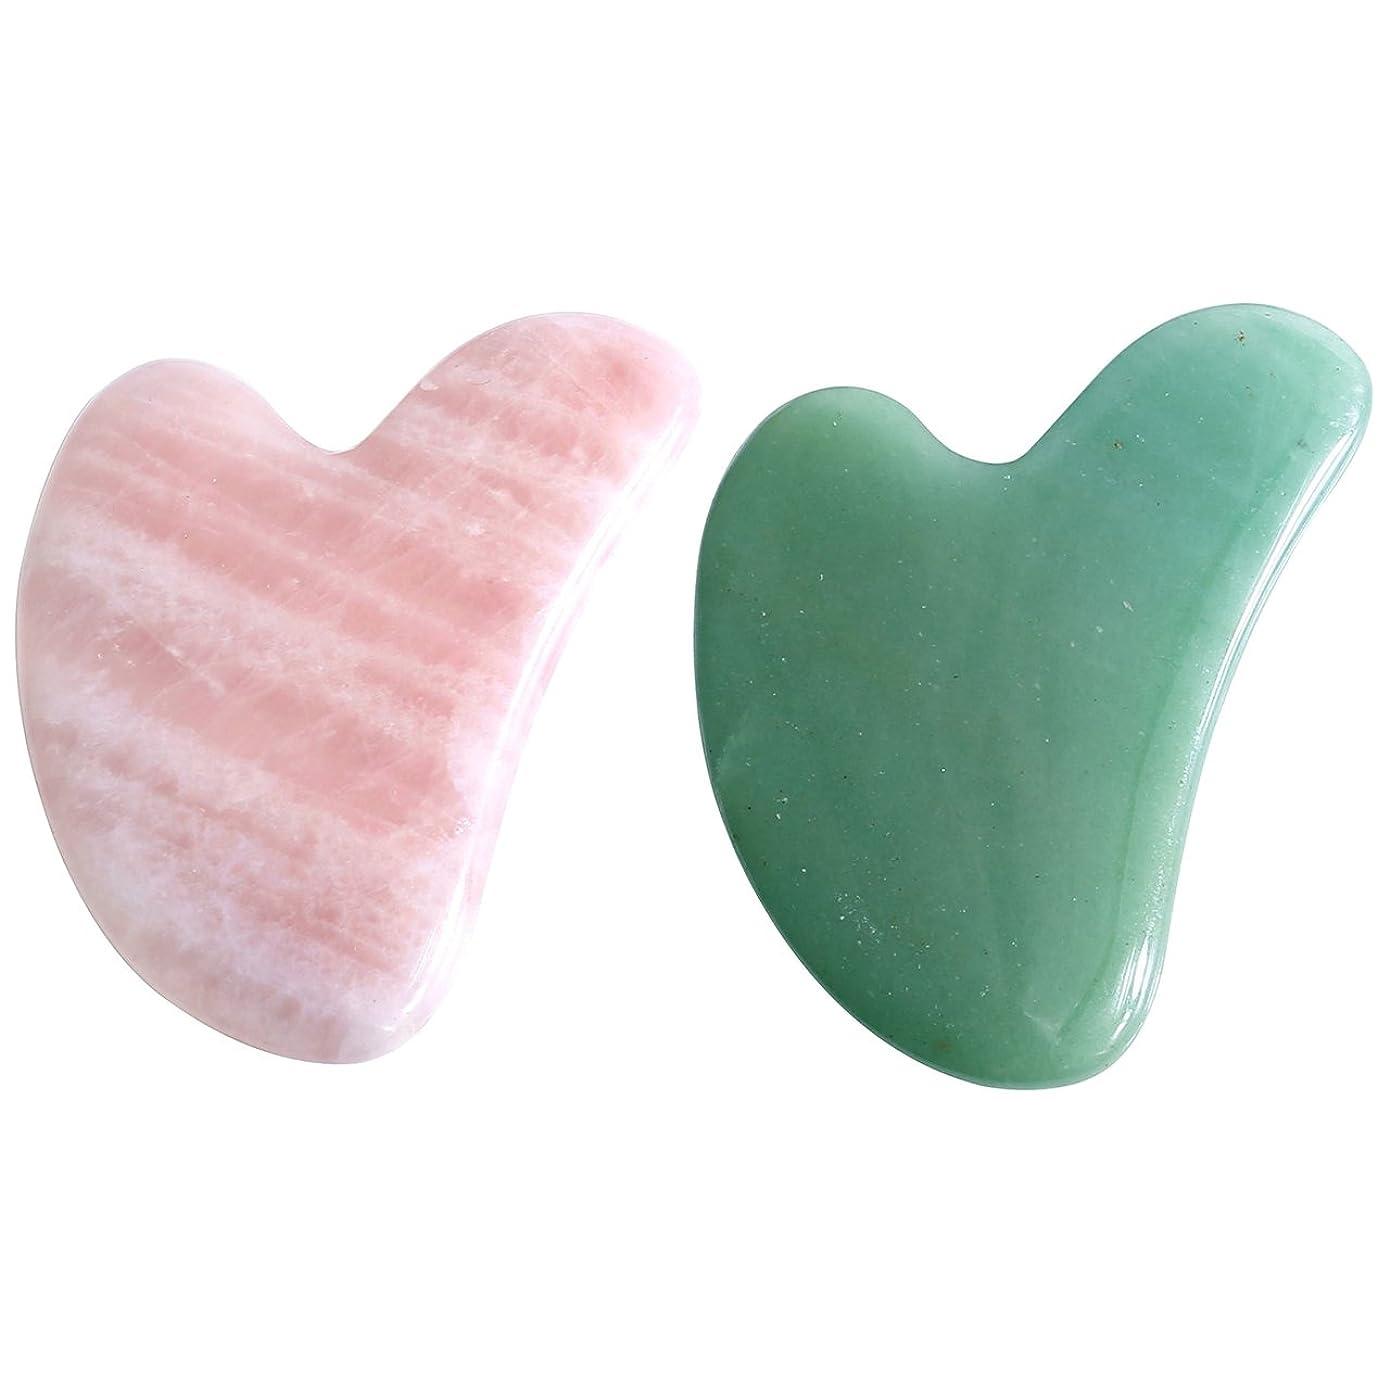 夕食を食べる変化人類2点セット2pcsFace / Body Massage rose quartz/ Adventurine heart shape Gua Sha 心臓の/ハート形状かっさプレート 天然石ローズクォーツ 翡翠,顔?ボディのリンパマッサージ